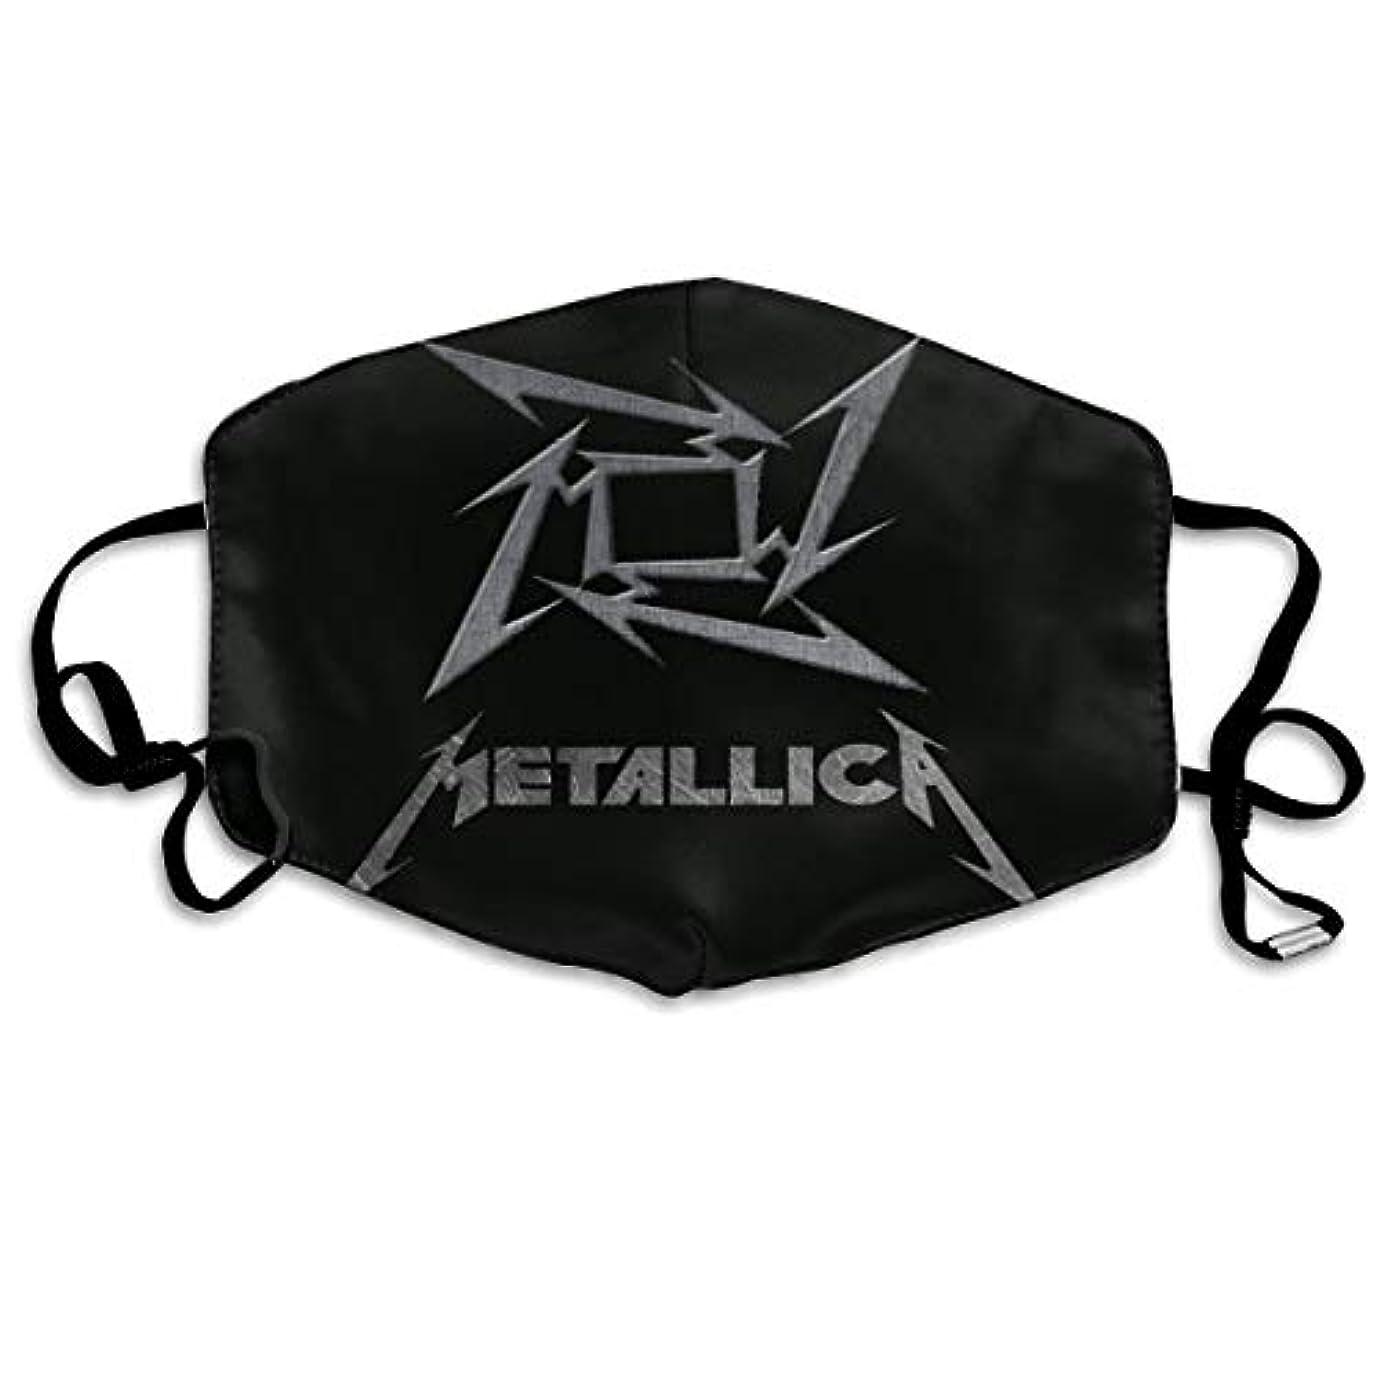 変数尋ねるシーンマスク 男のマスク 女性のマスク Metallica 病気を防ぐ、風邪を予防する、インフルエンザの季節性風邪を予防する、口と鼻を保護する、パーソナライズドマスク